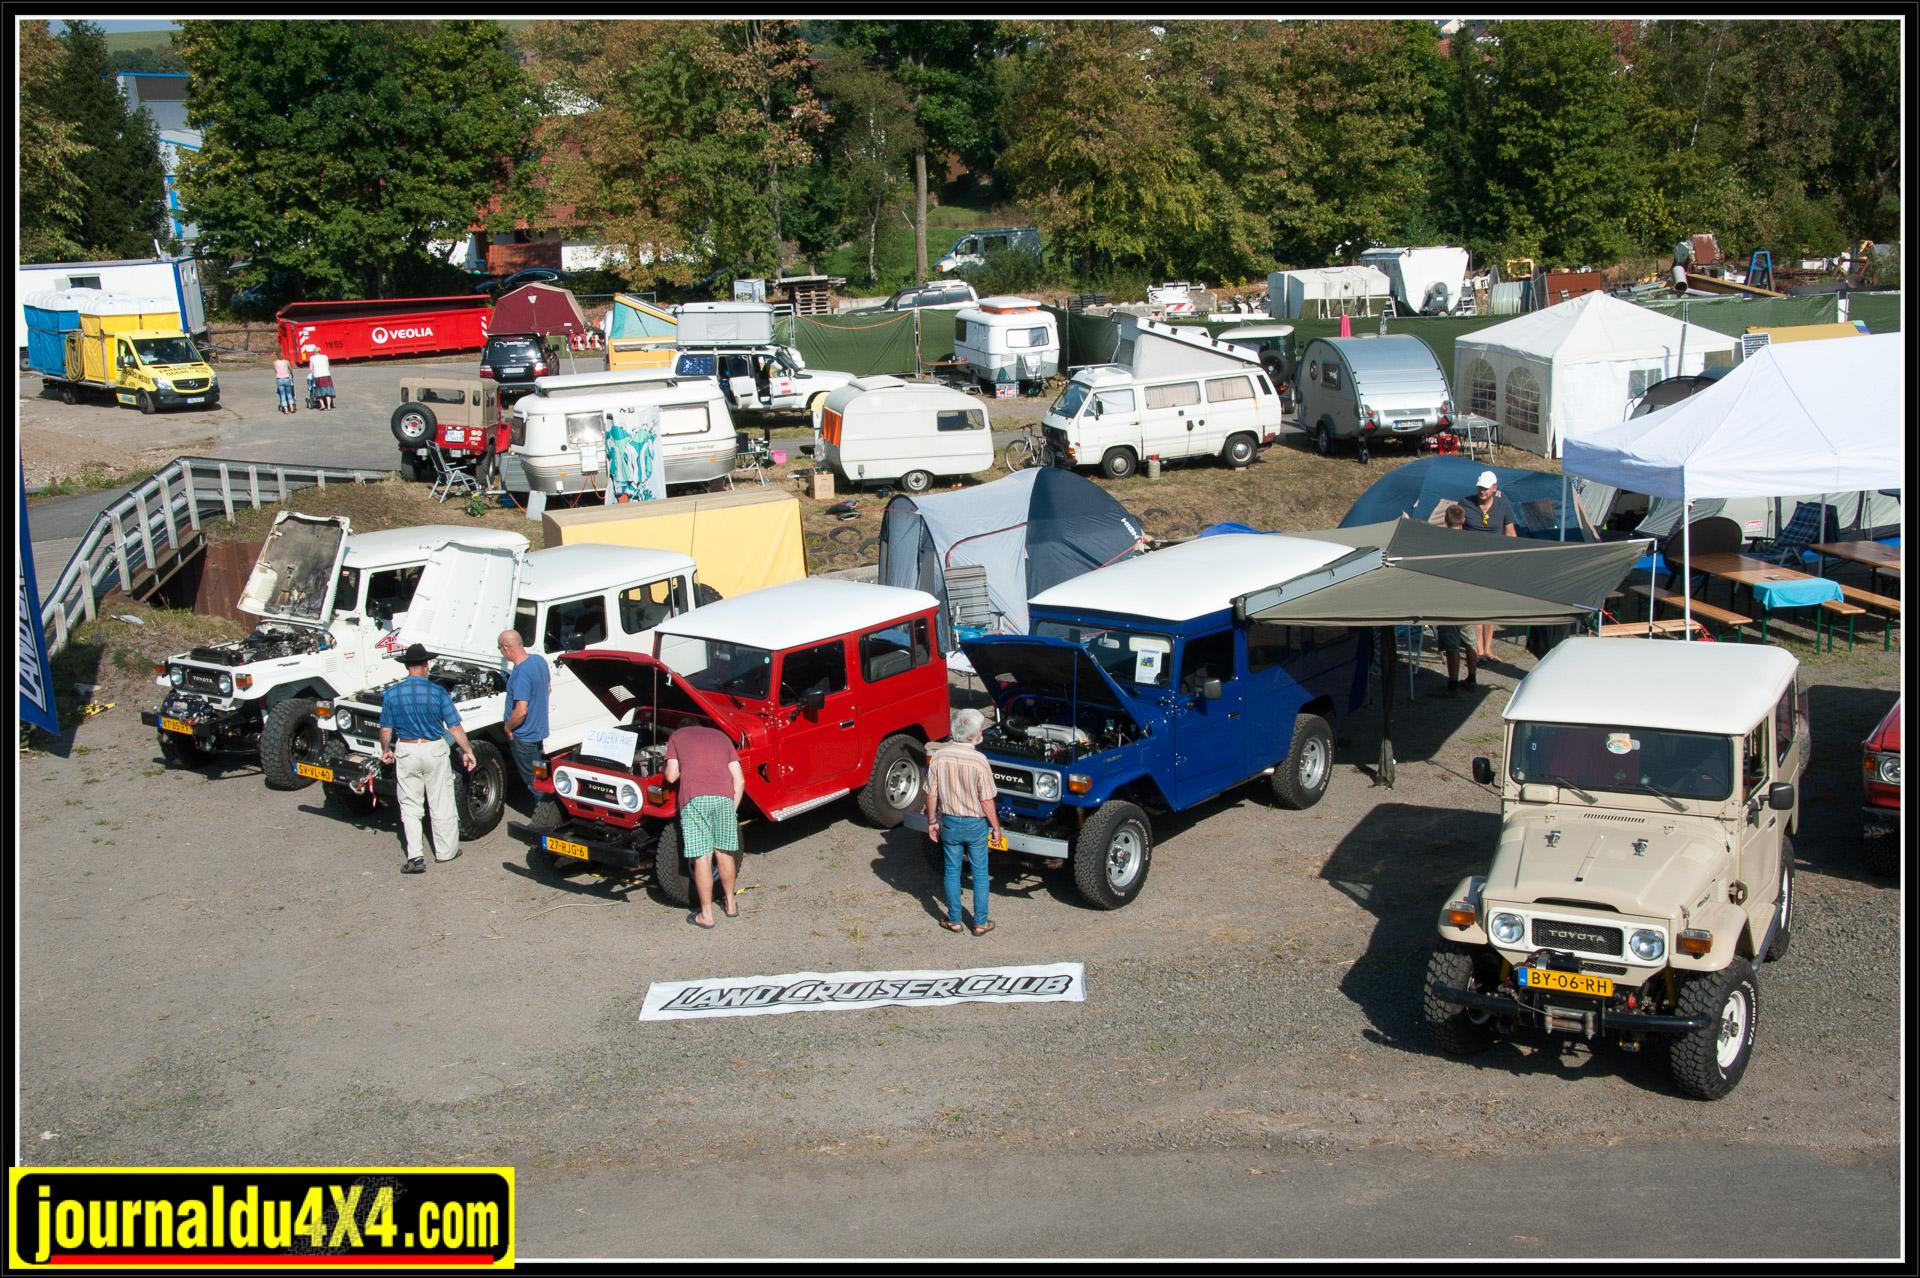 Le Land Cruiser Club des Pays-Bas était venu en force avec de nombreux séries 4.